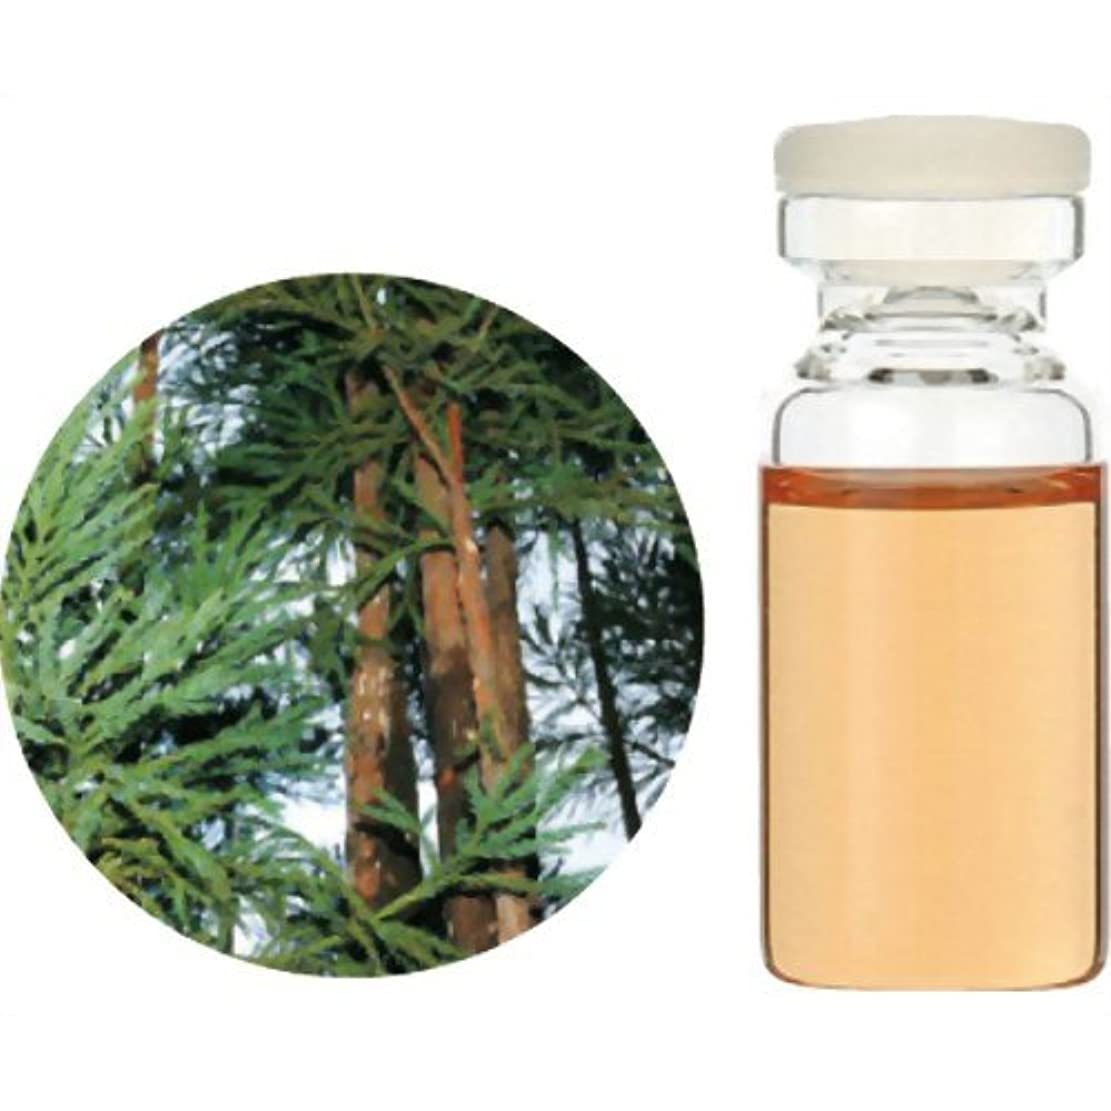 辛な明確なコロニー生活の木 Herbal Life 和精油 杉(木部) 3ml